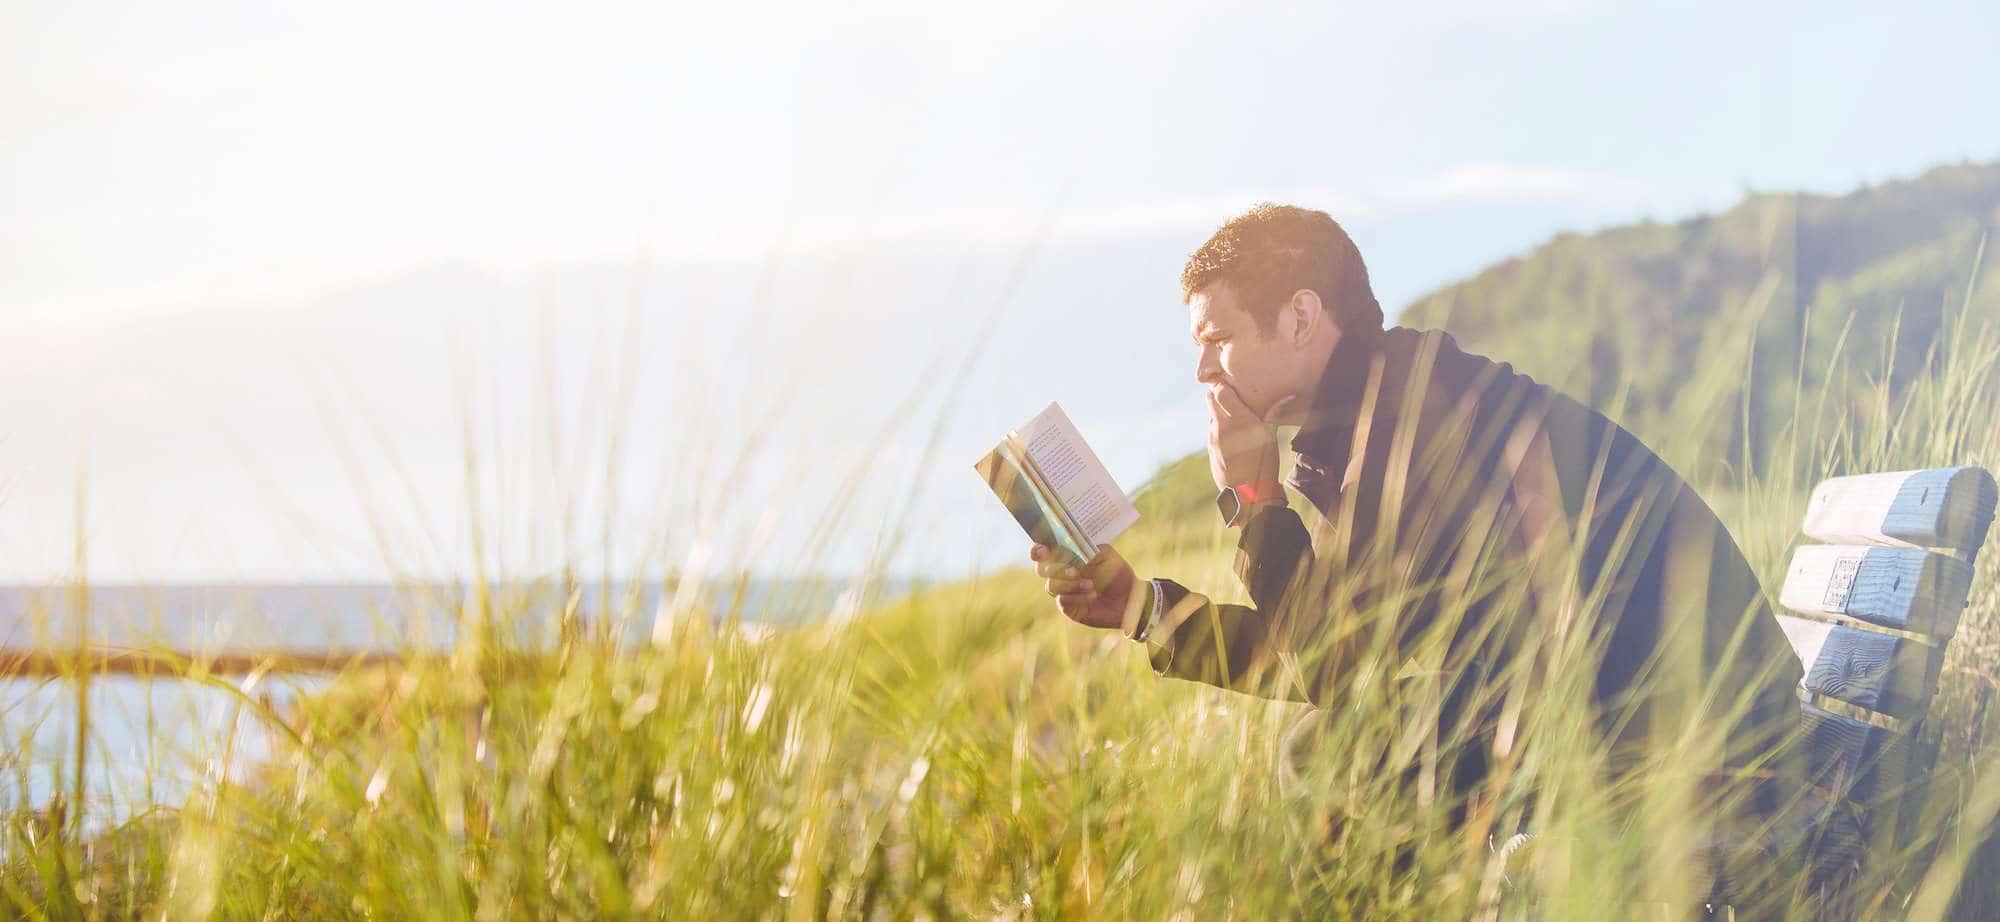 Man reading while hiking